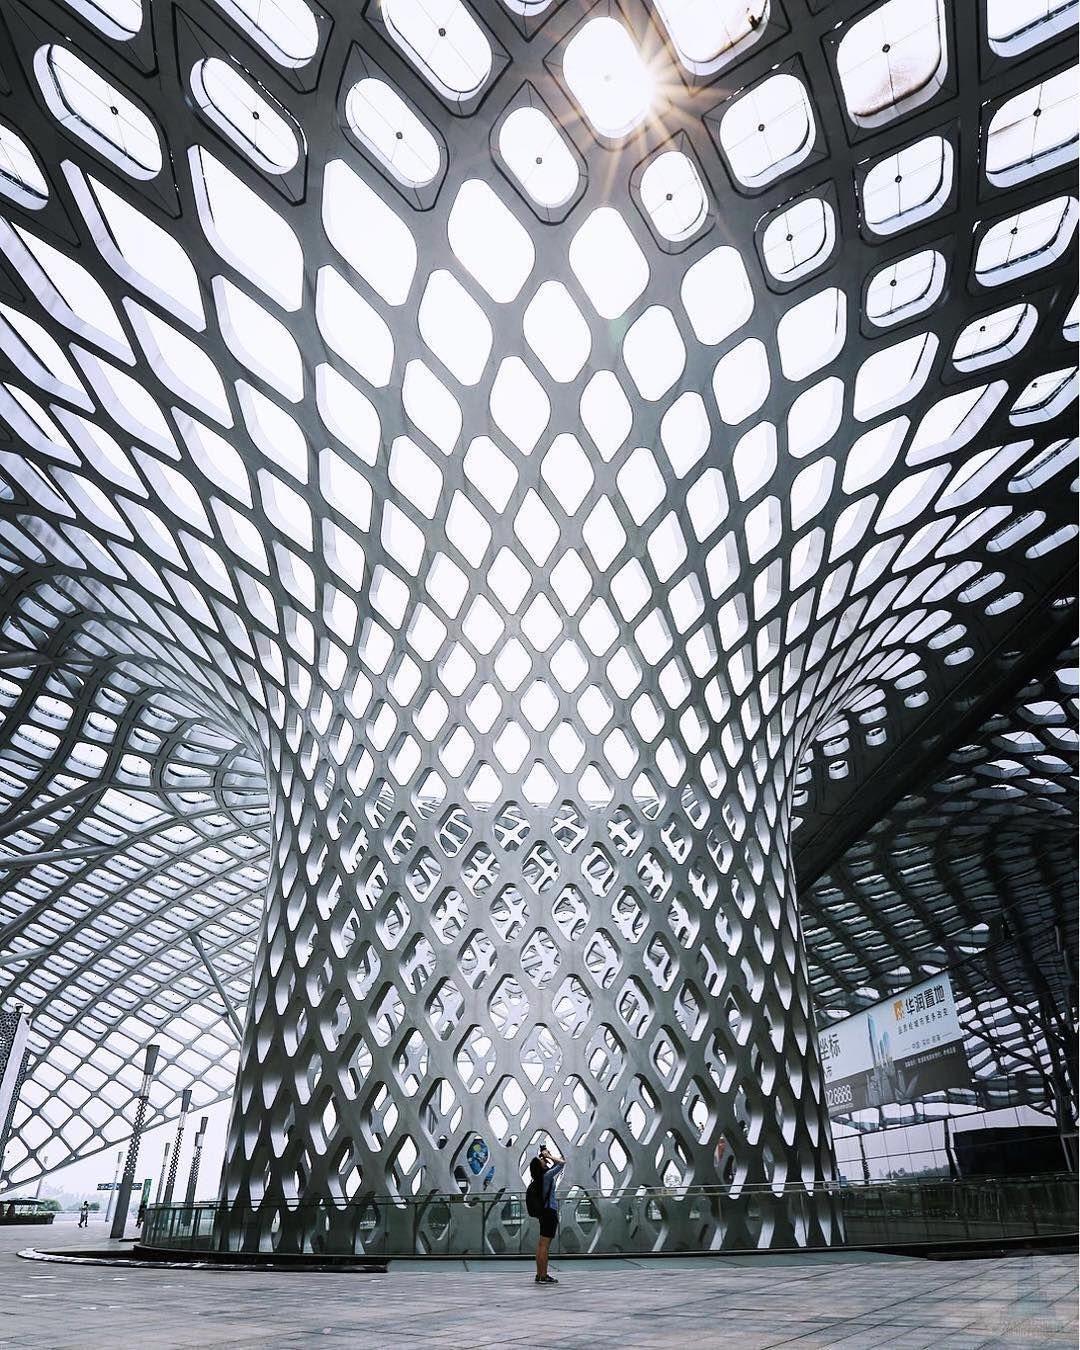 Pin By Bkcdeuxfois On Arkitektur